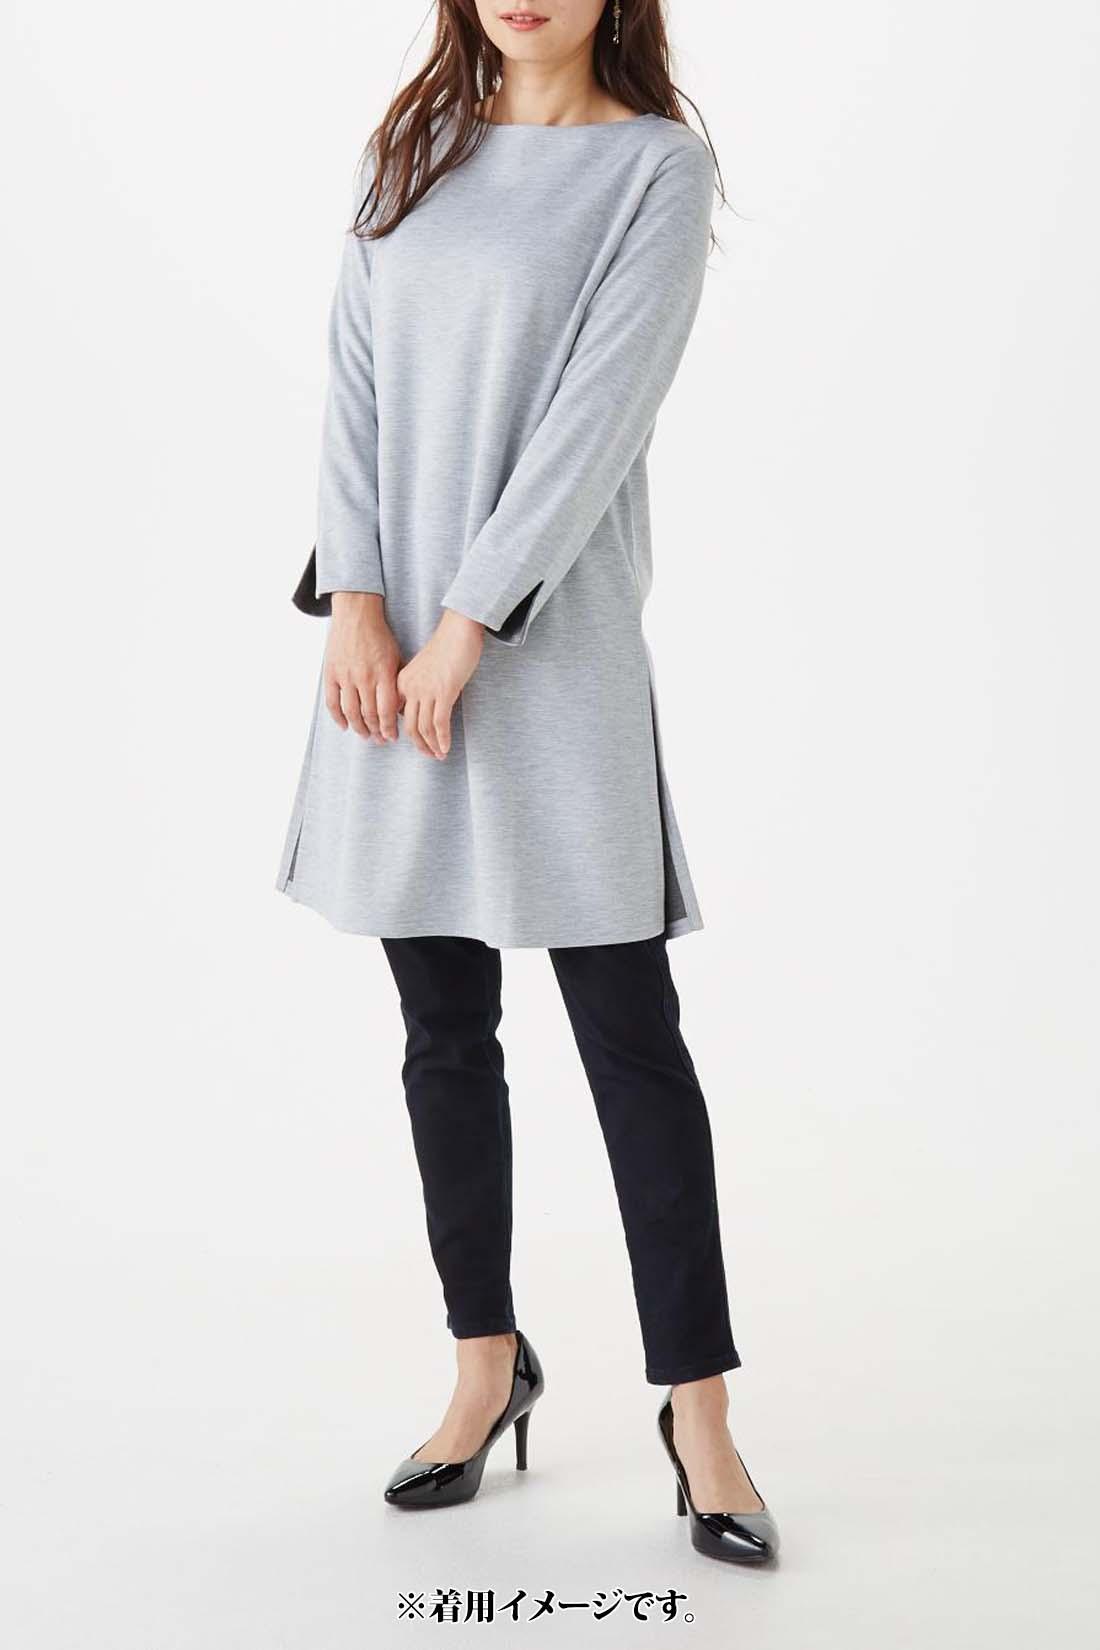 袖を伸ばした時の参考に。 モデル身長:165cm 着用サイズ:M ※お届けするカラーとは異なります。